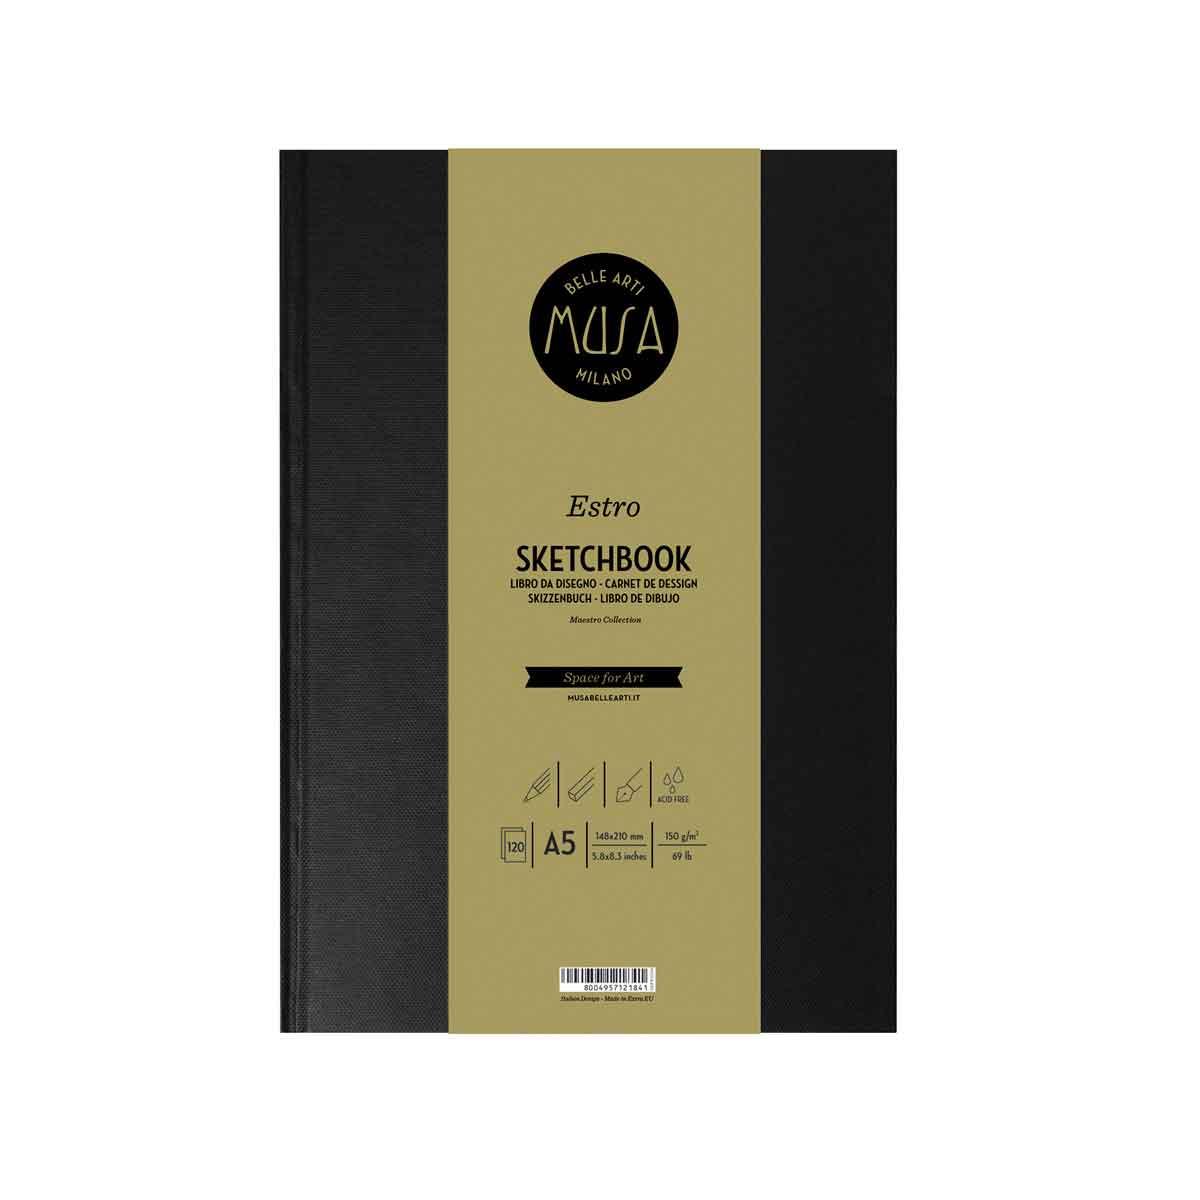 Estro Sketchbook Libro da 120 pagine fogli da 150g. Grana liscia formato A5